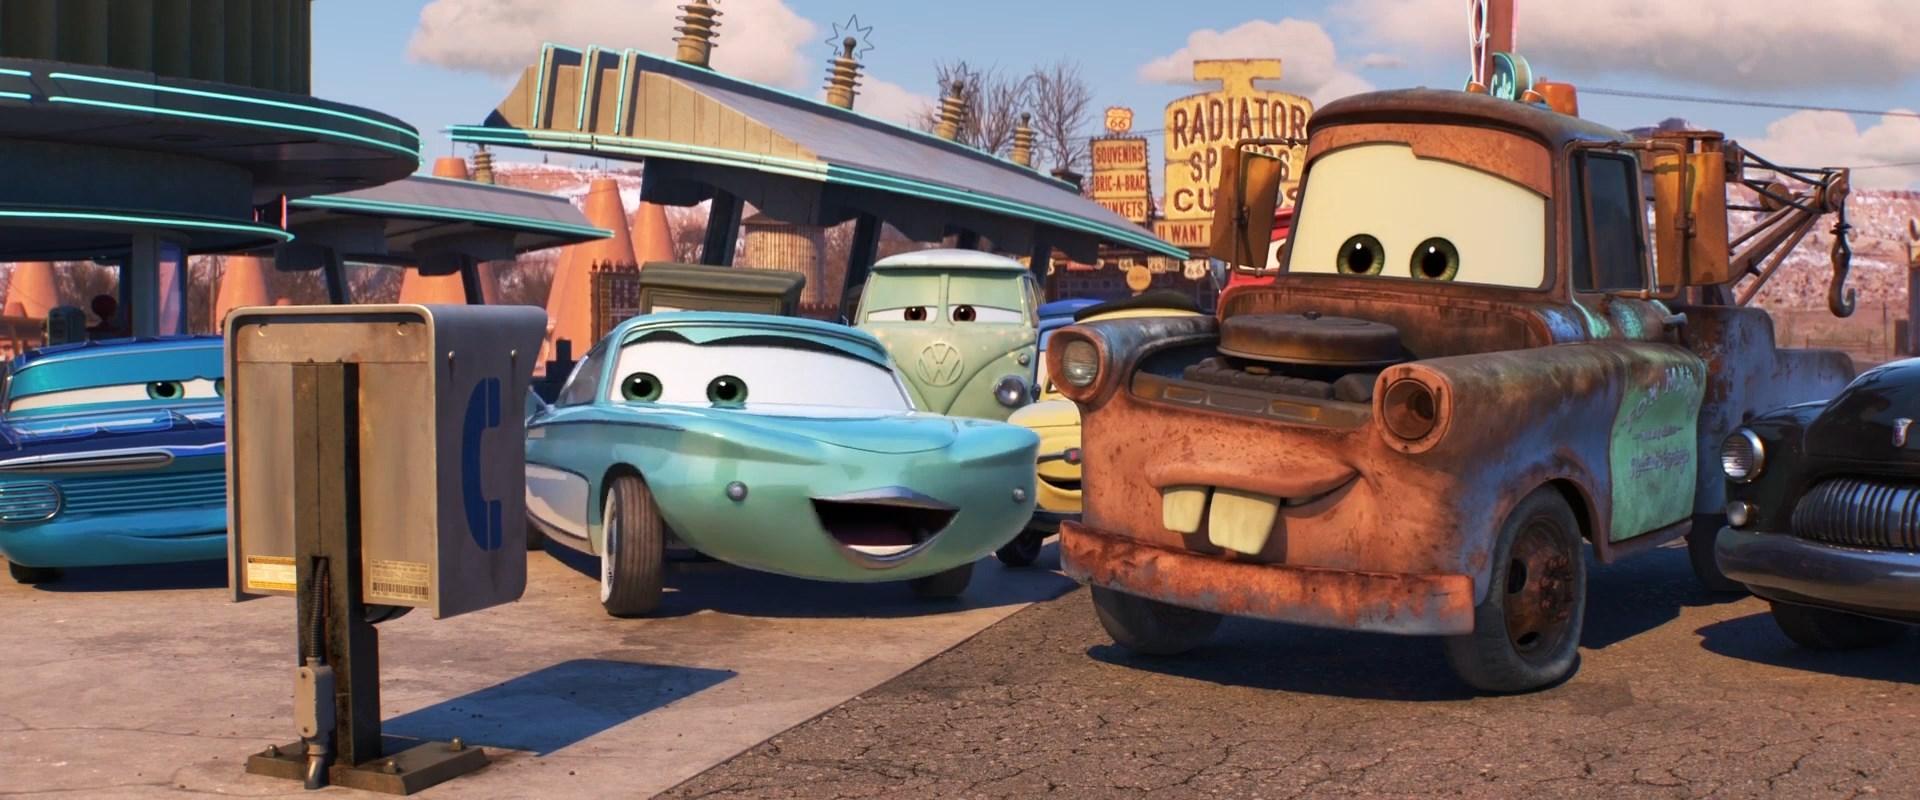 دانلود انیمیشن زیبای ماشین ها Cars 3 - دانلود انیمیشن زیبای ماشین ها Cars 3 دوبله فارسی